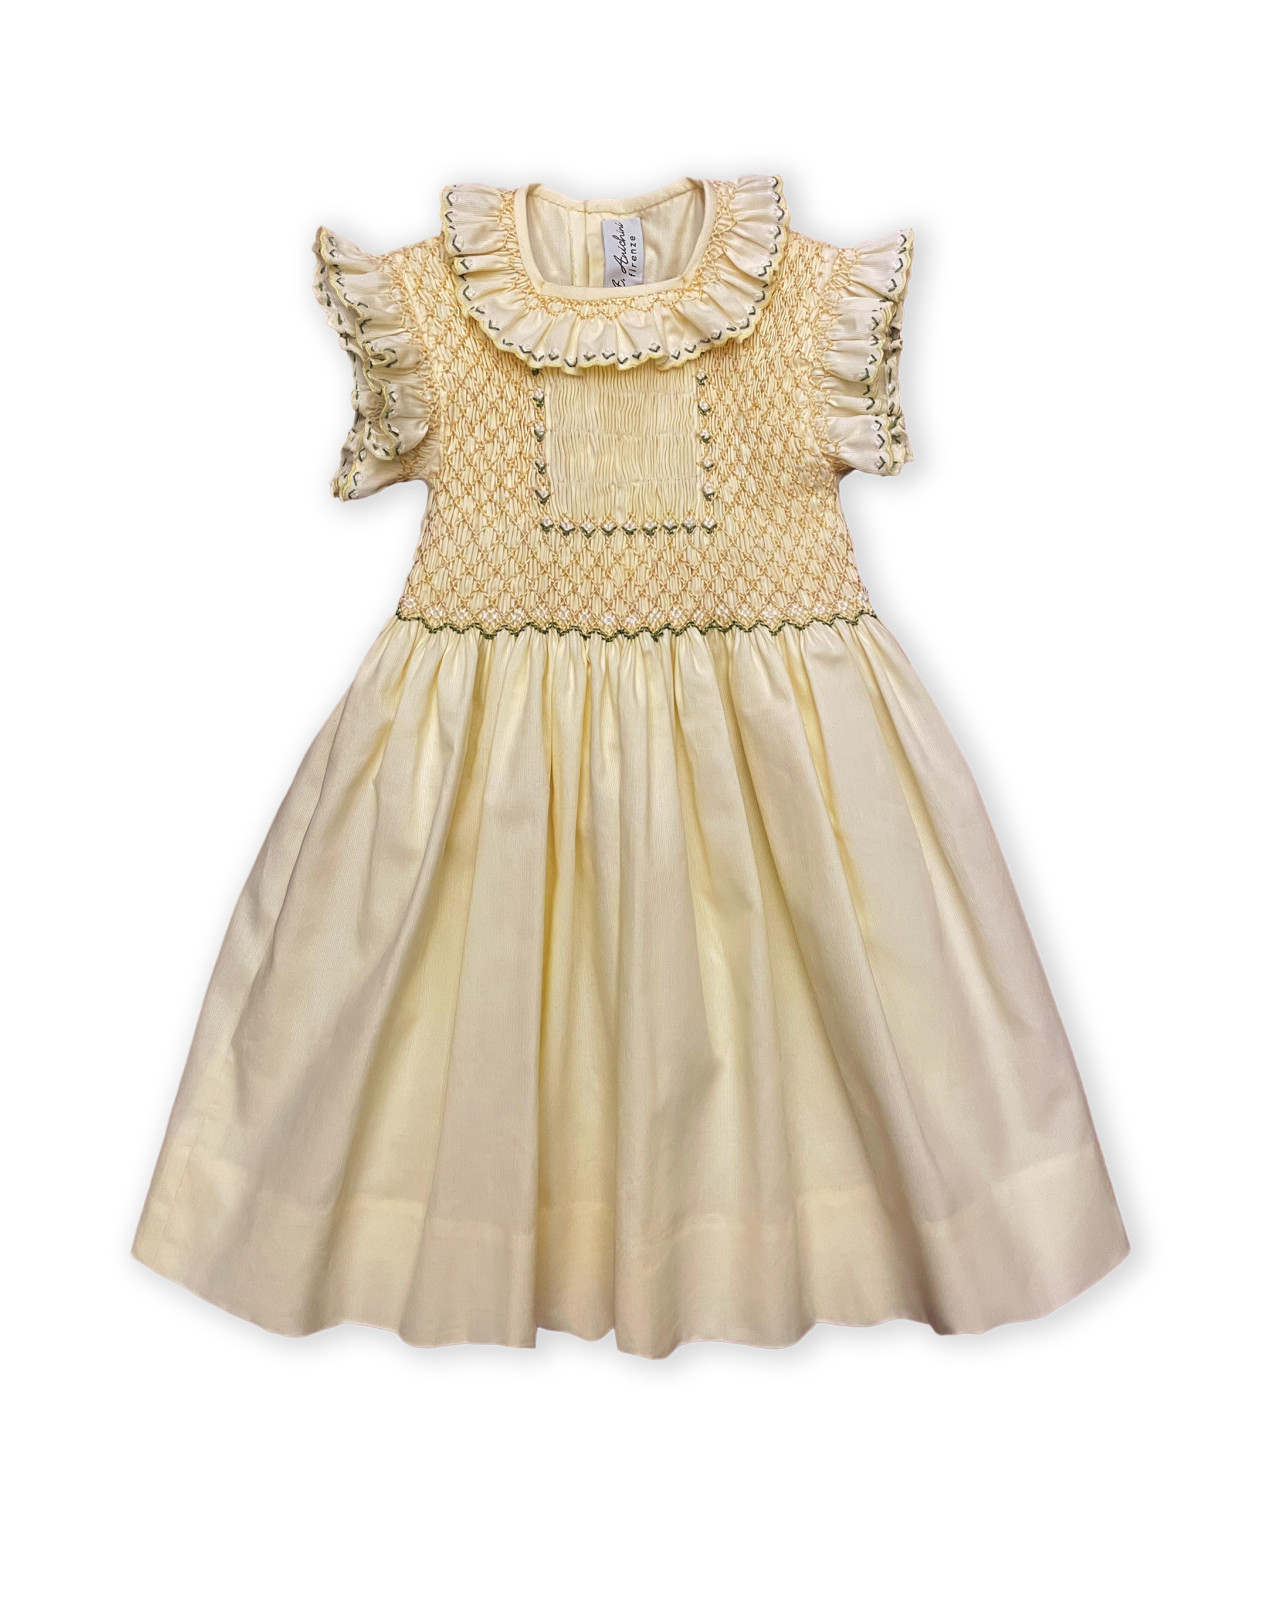 Maria sole abito per bambino con smock giallo